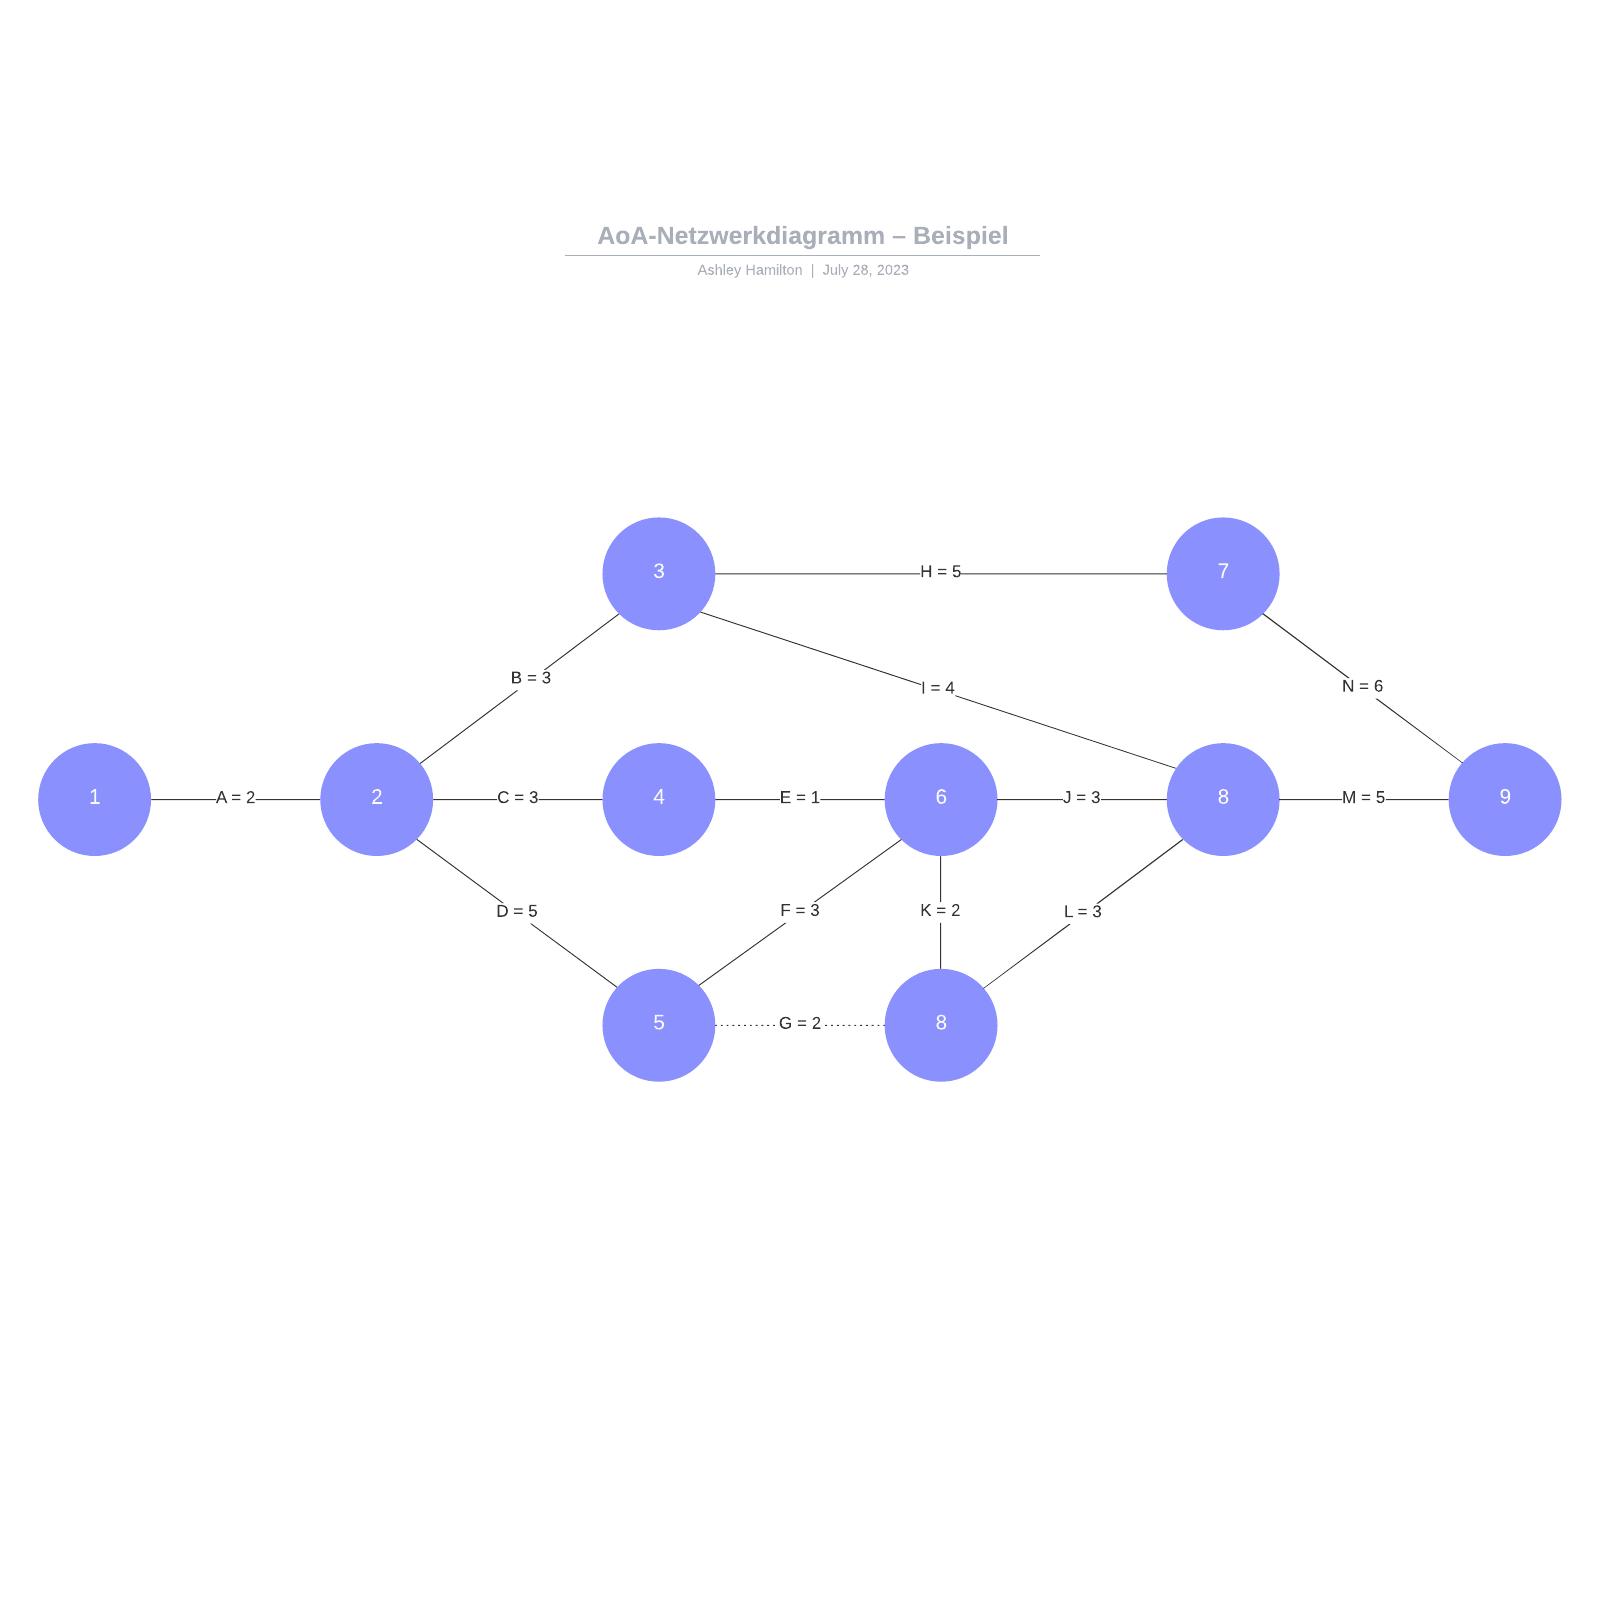 AoA-Netzwerkdiagramm – Beispiel